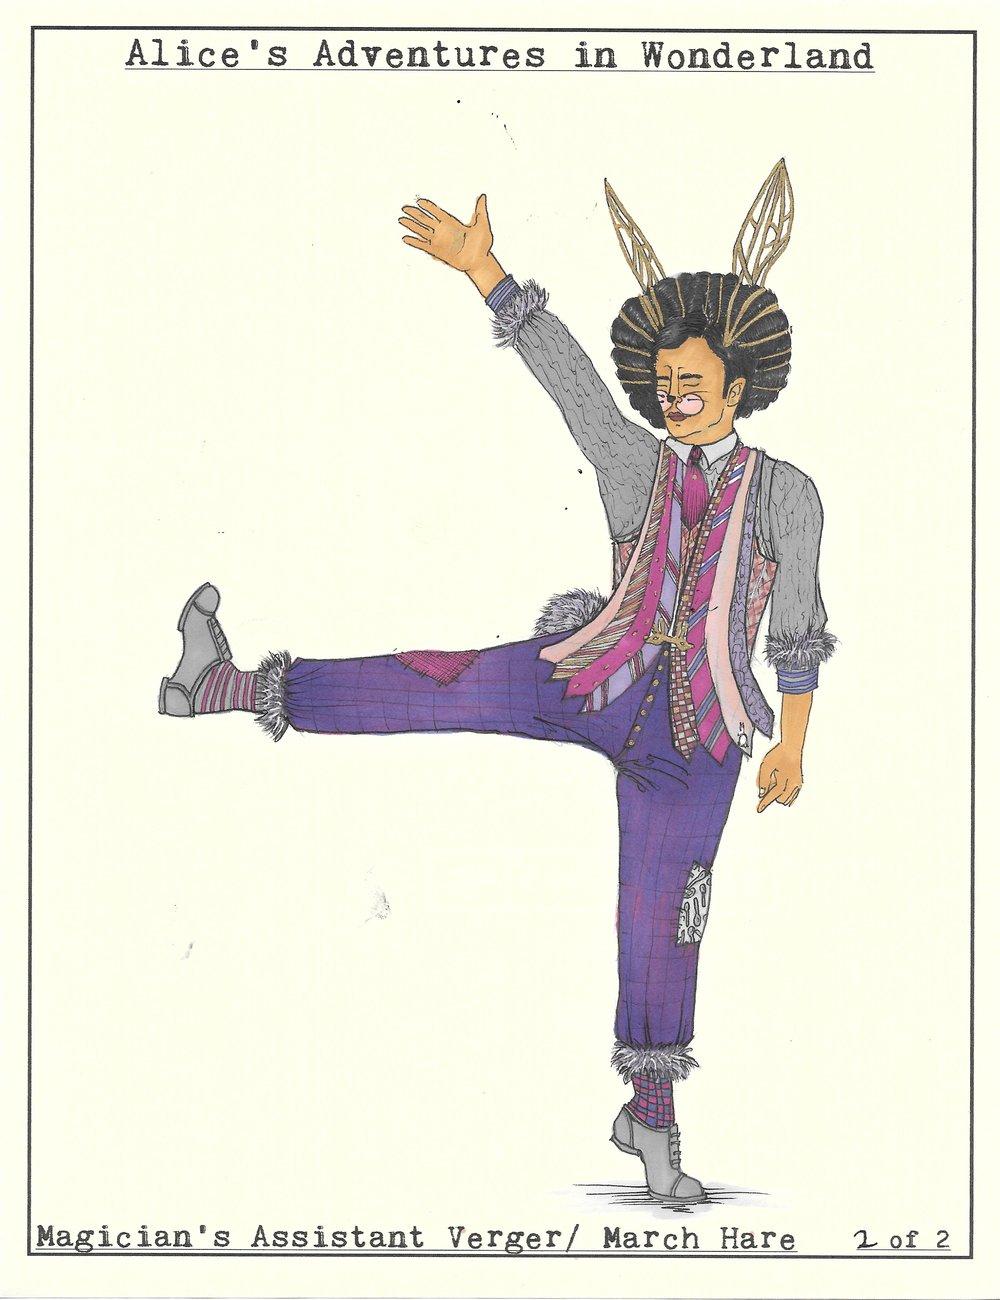 March Hare. Wonderland